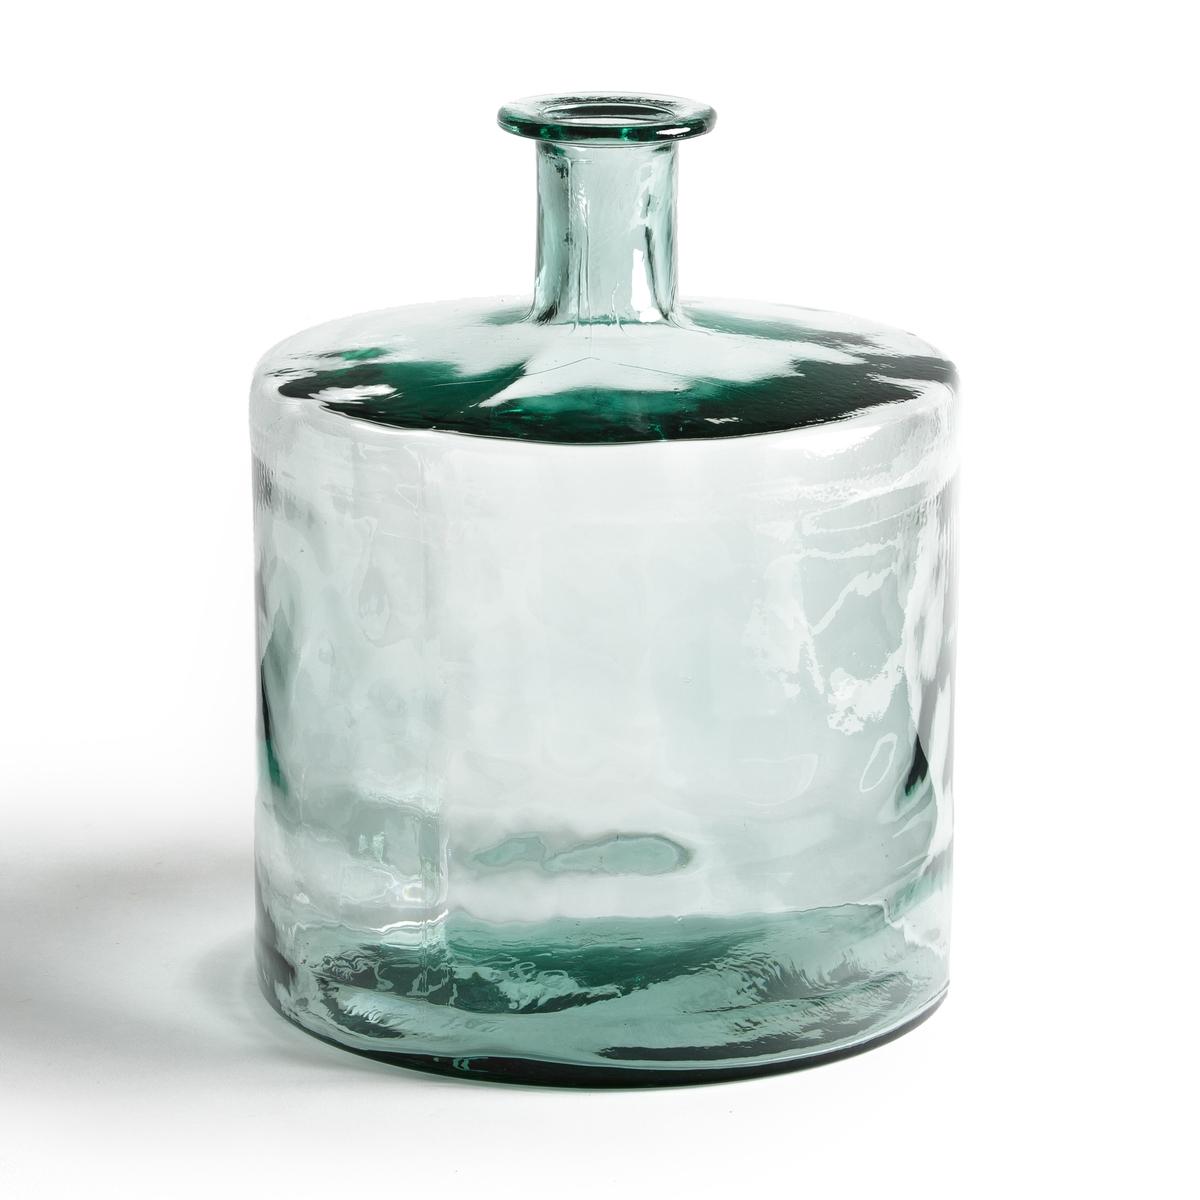 Ваза-бутыль, IZOLIAВаза-бутыль Izolia. Ваза-бутыль Izolia добавит объем Вашим композициям и украсит интерьер.Характеристики вазы-бутыли Izolia :Переработанное стекло.Всю коллекцию Izolia ищите на сайте laredoute.ruРазмеры вазы-бутыли Izolia :Диаметр : ?36 смВысота : 45 смРазмеры и вес упаковки:1 упаковкаШ39 x В39 x Г48 см, 11 кг<br><br>Цвет: стеклянный крашеный